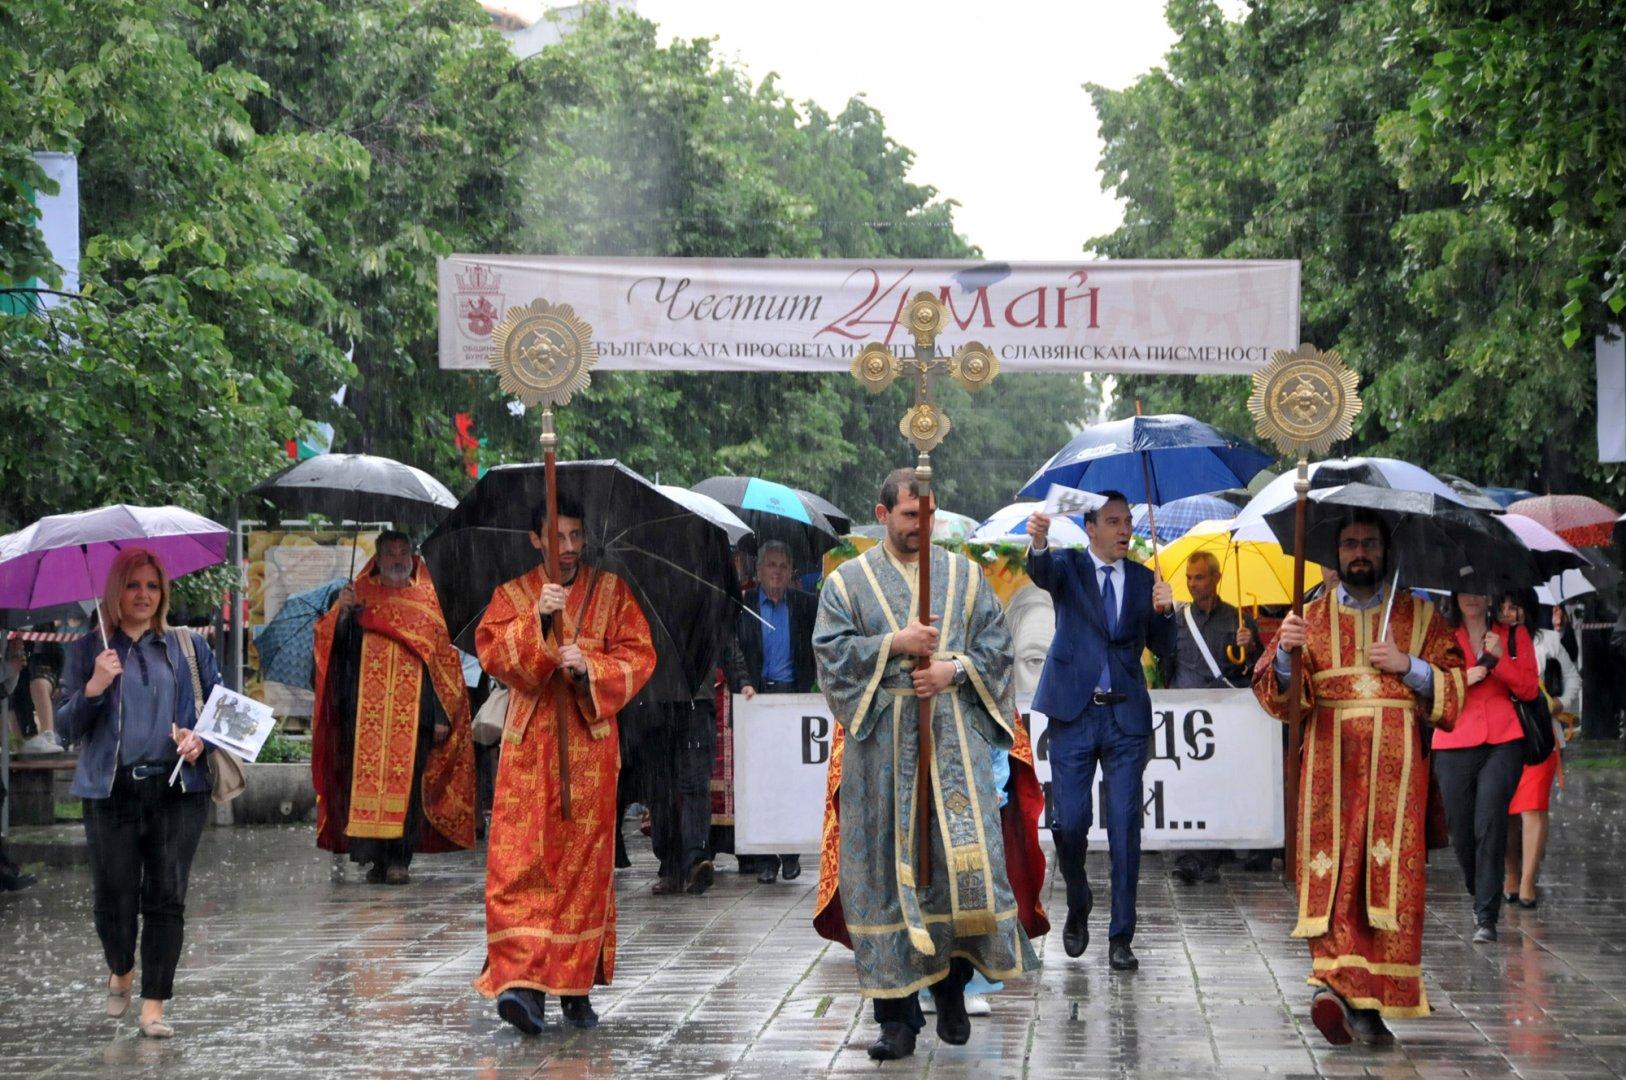 Кметът Димитър Николов заедно с бургаското духовенство поведе шествието. Снимки Лина Главинова